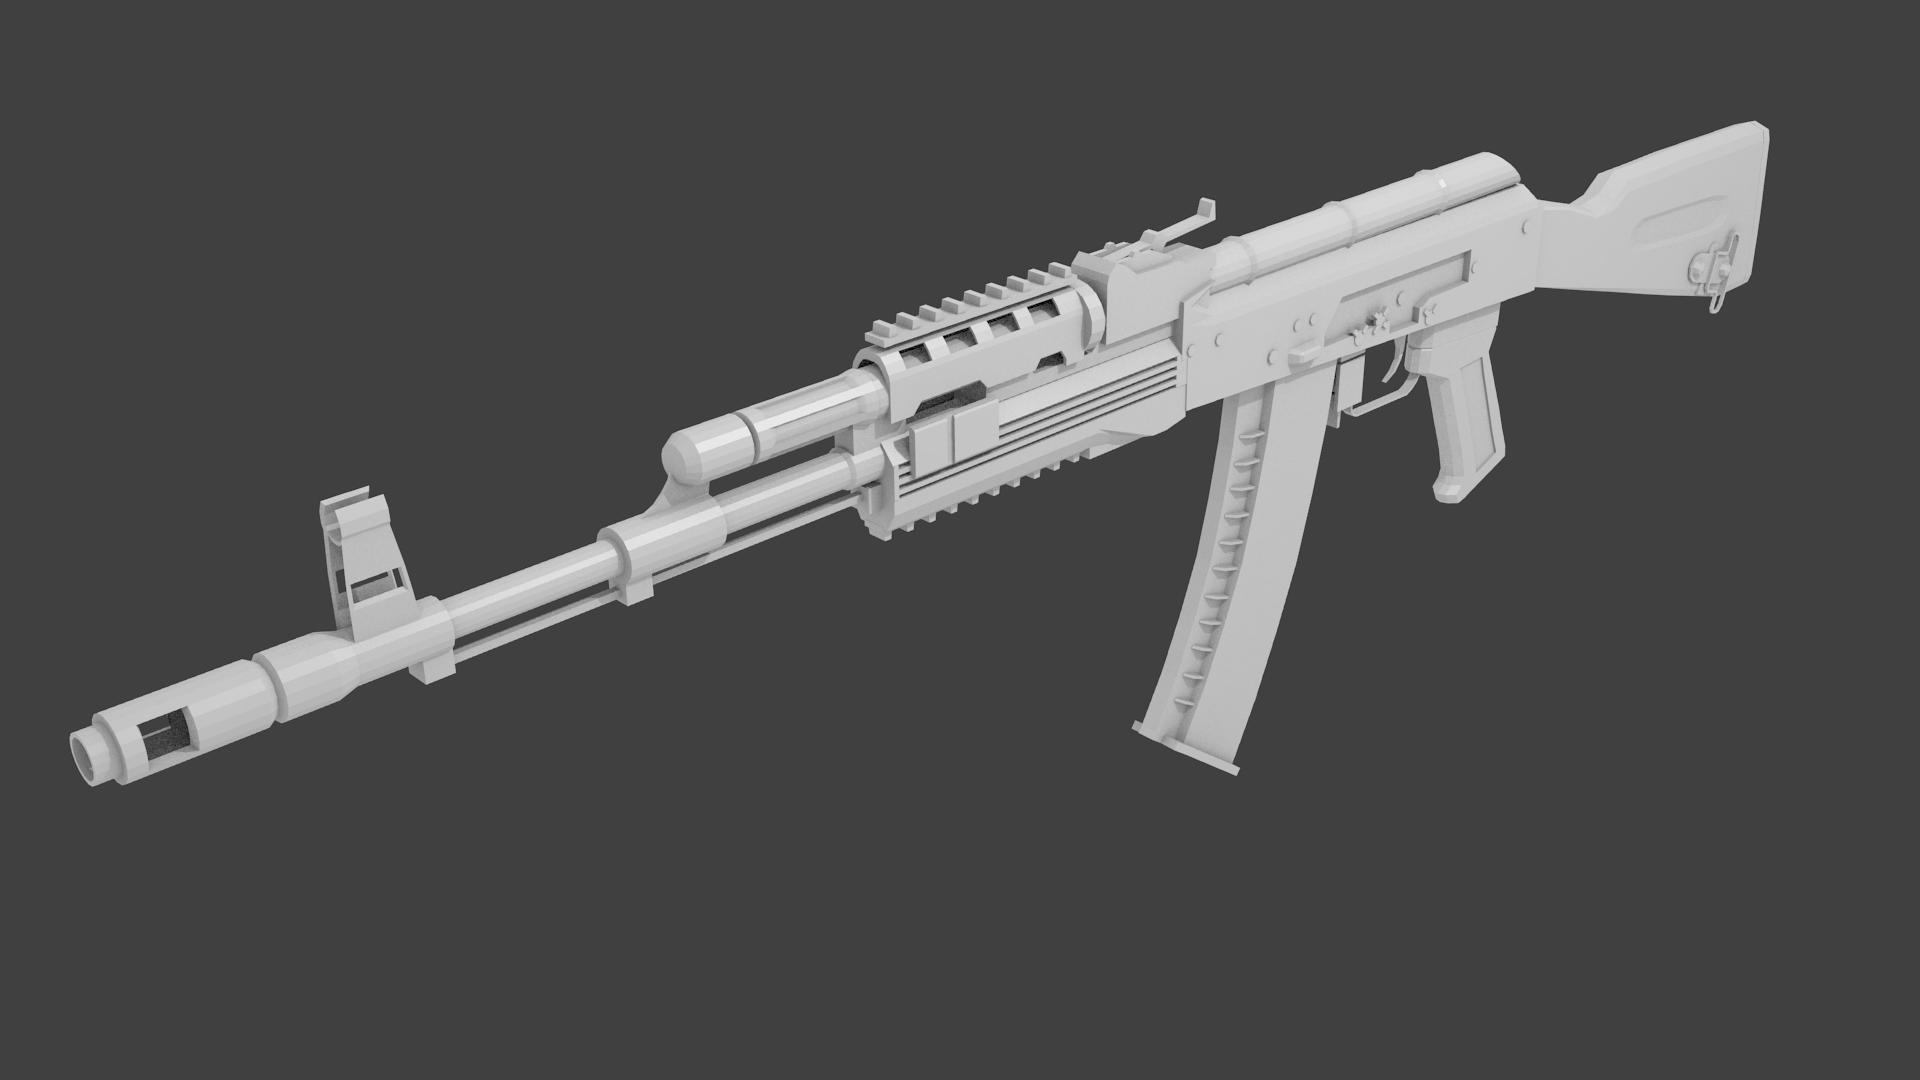 AK-74M by Kelo821